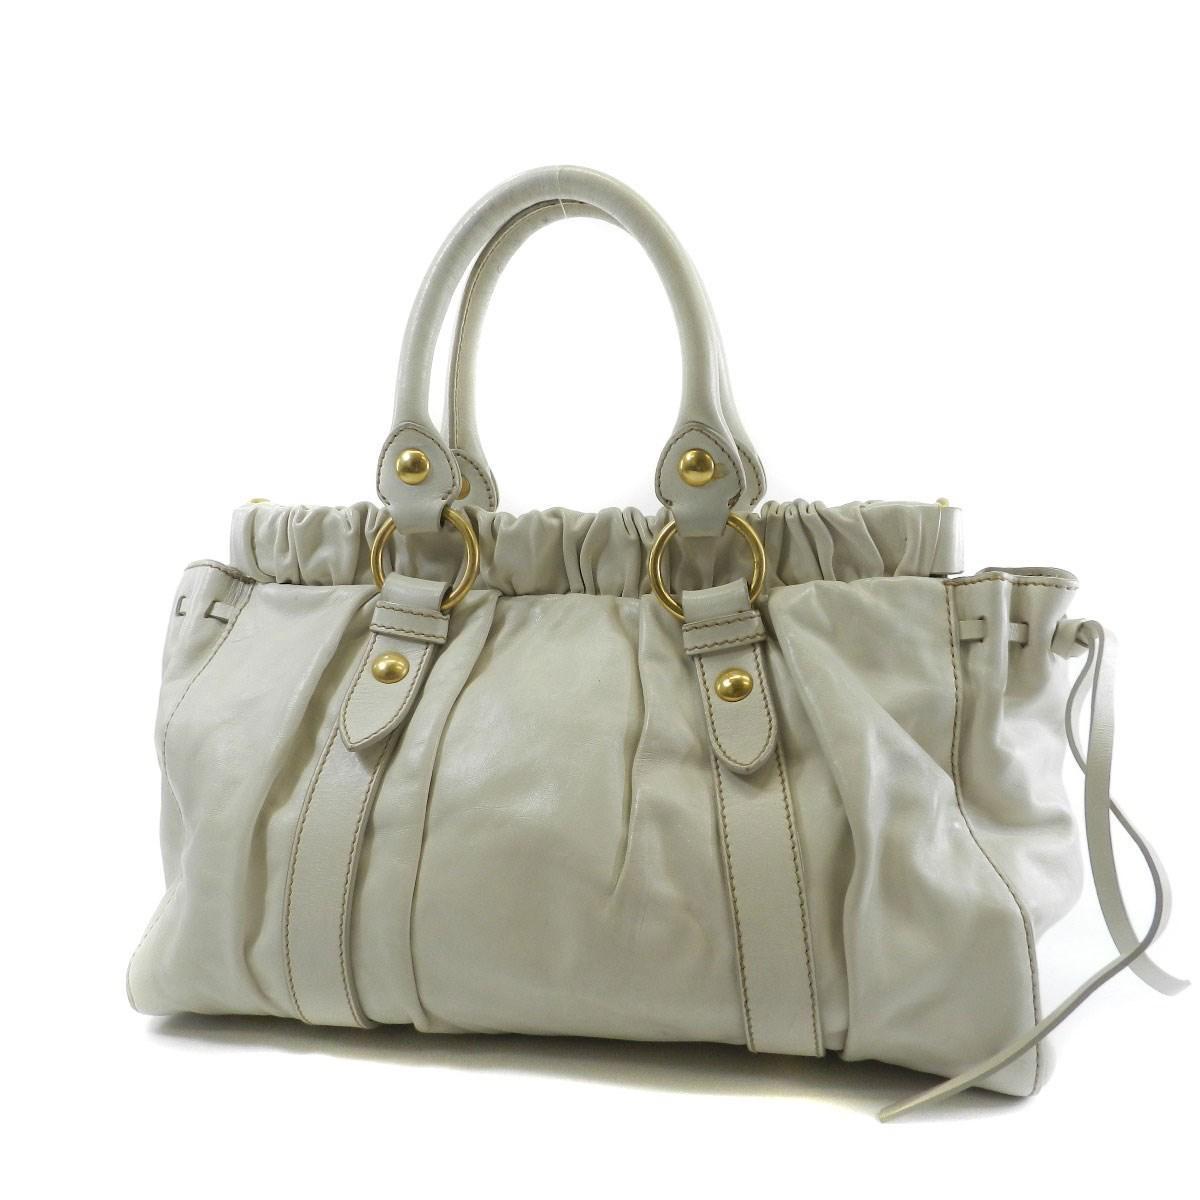 434cb31434e Lyst - Miu Miu Miumiu Leather Tote Bag 2way in White